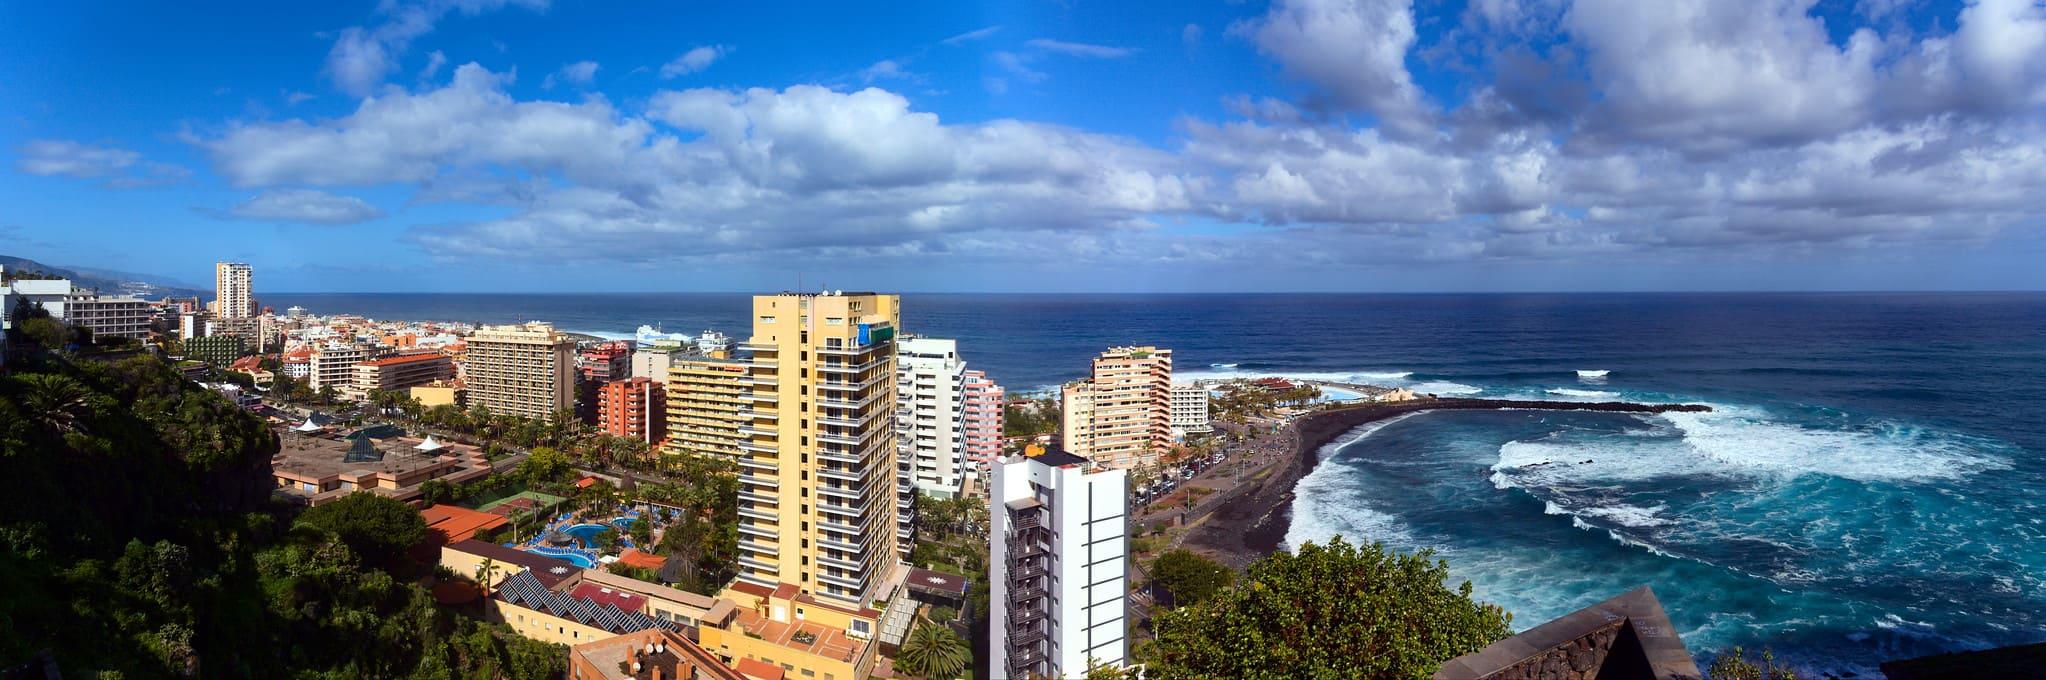 Gran Canaria o Tenerife